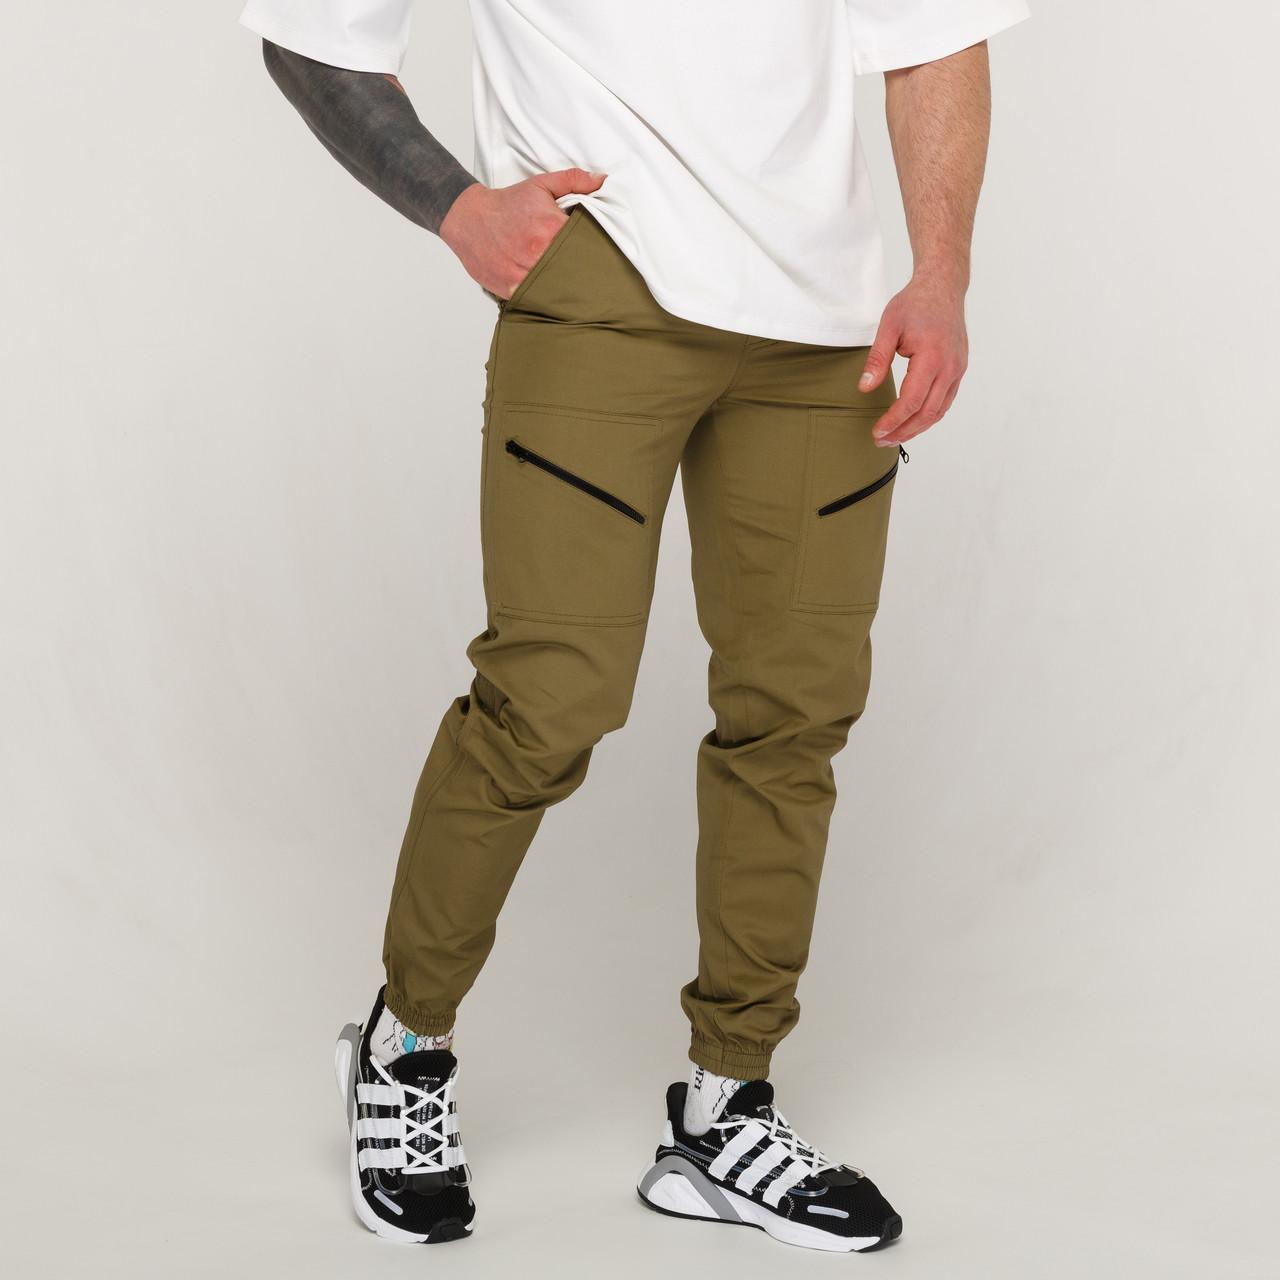 Карго штаны мужские цвета горка от бренда Тур модель Апачи (Apache)